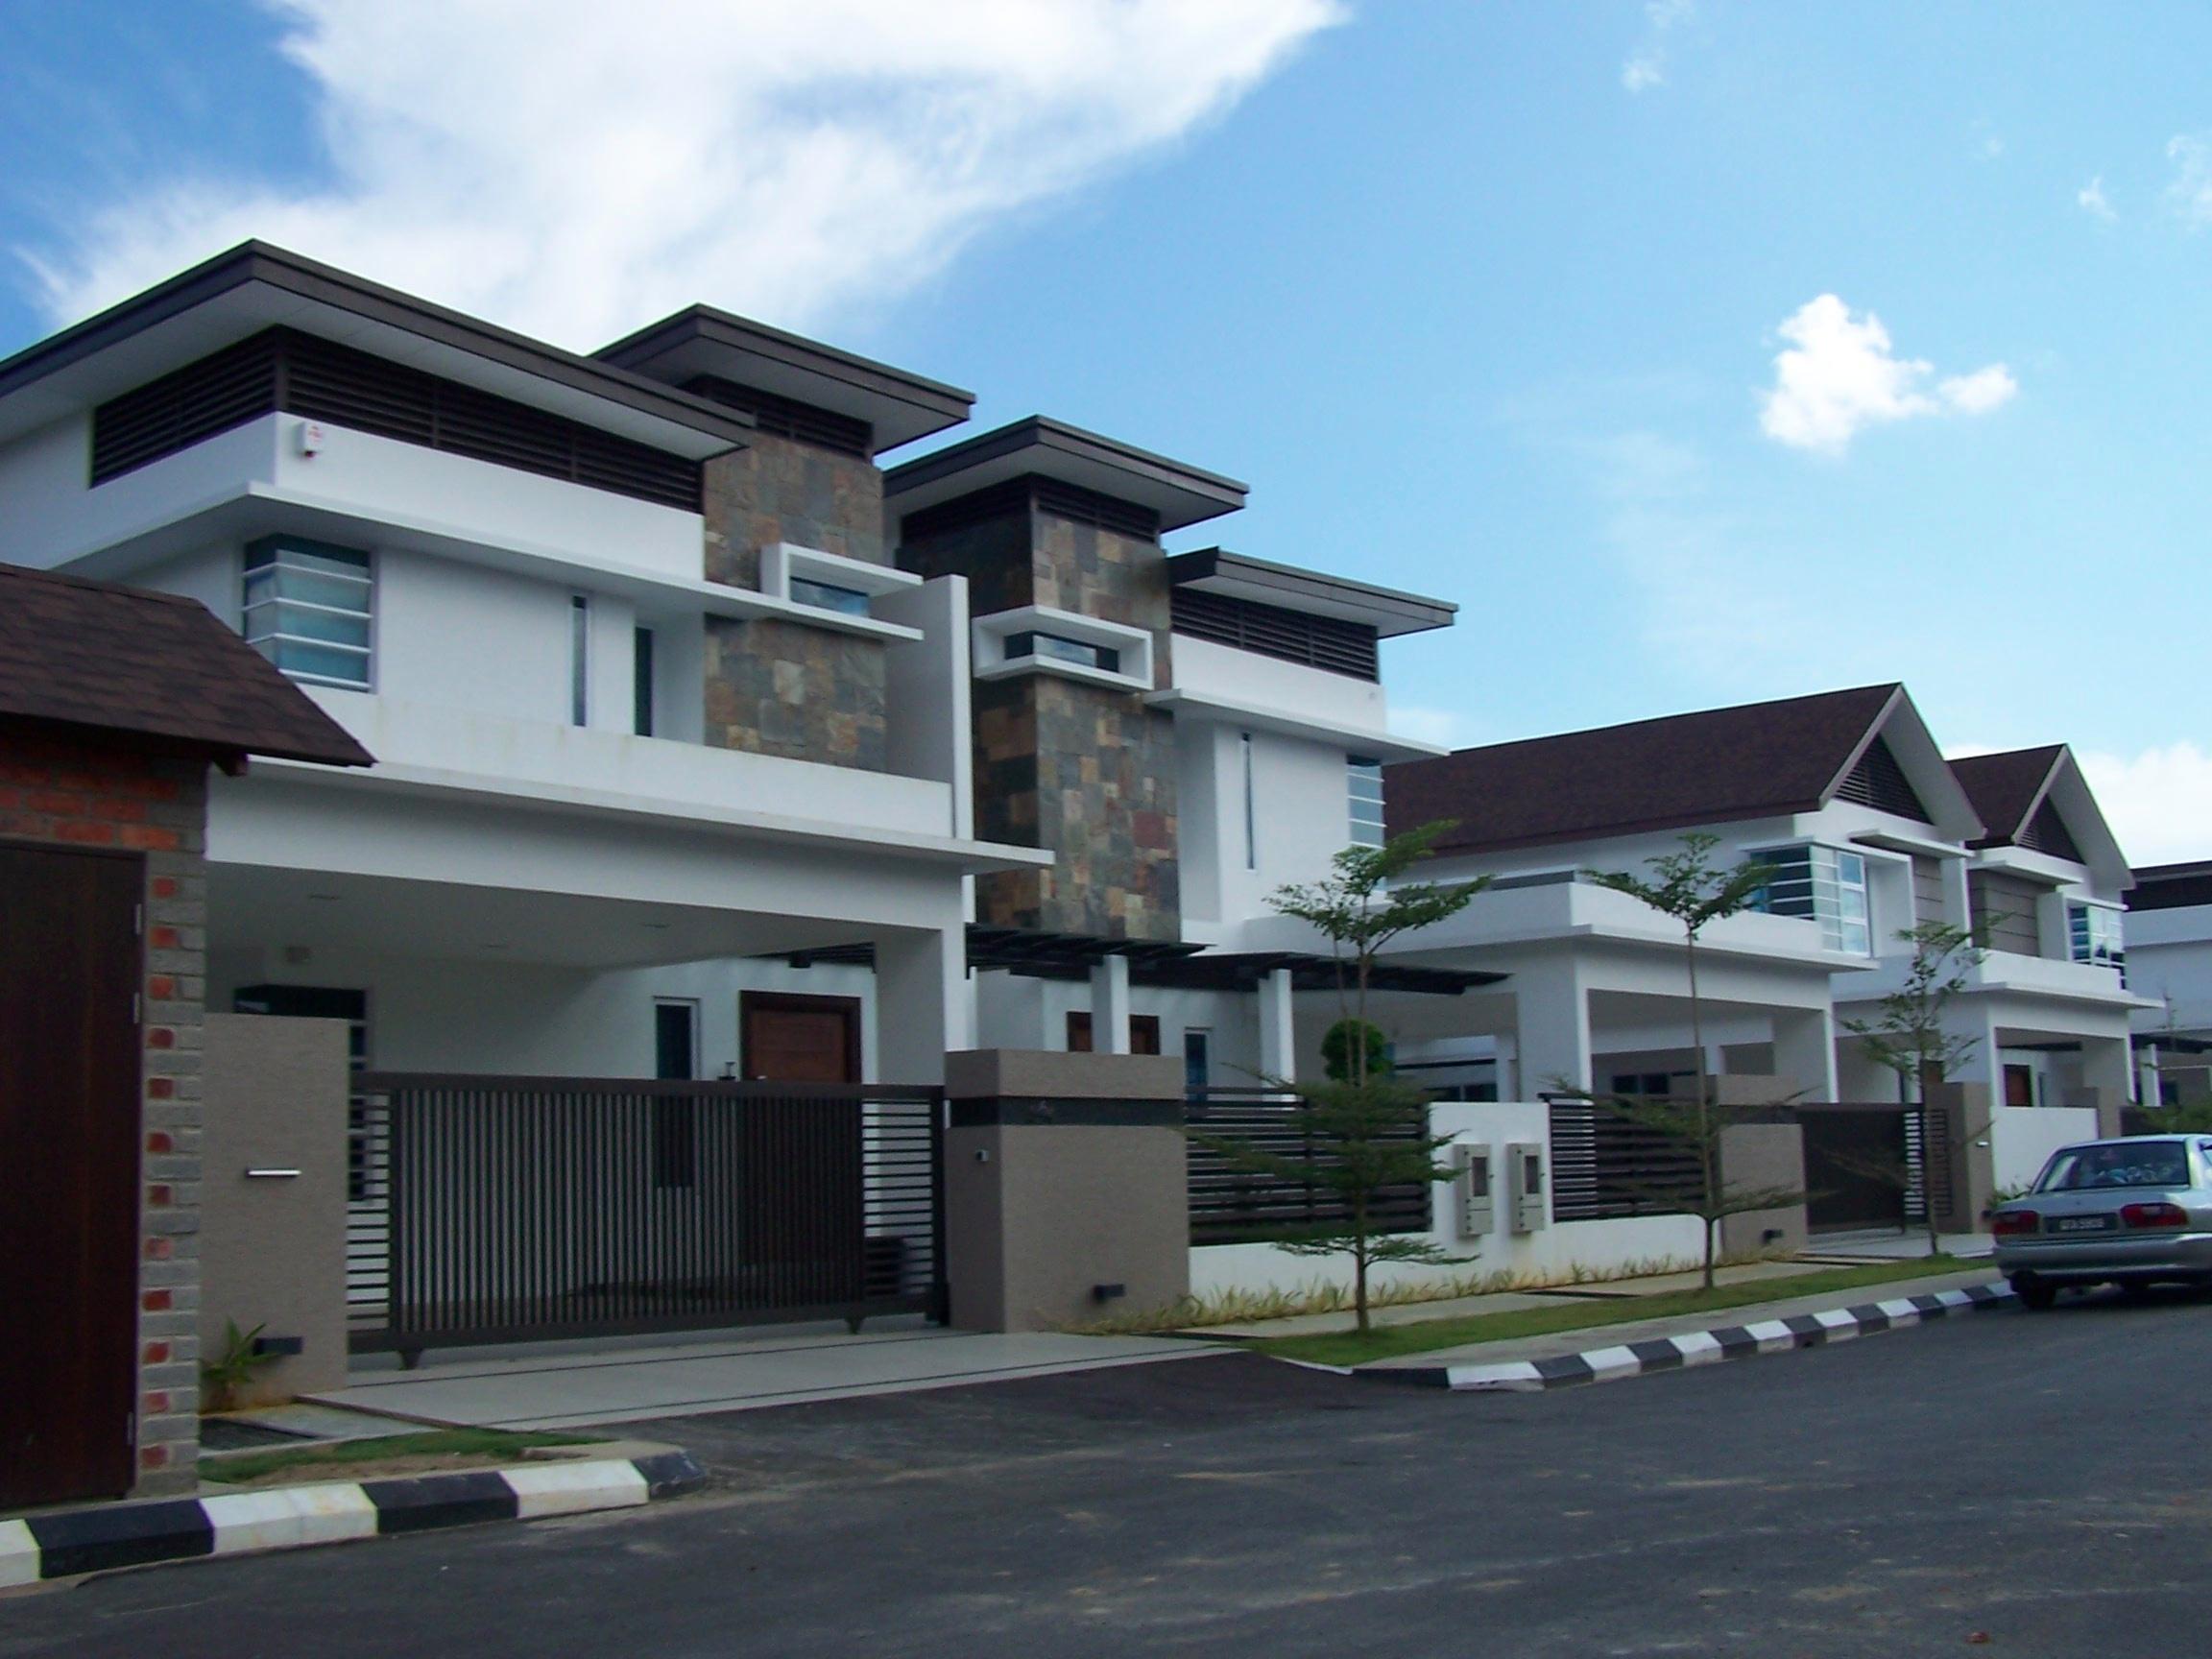 پروژه پاورپوینت ضوابط طراحی و بلند مرتبه سازی مسکونی